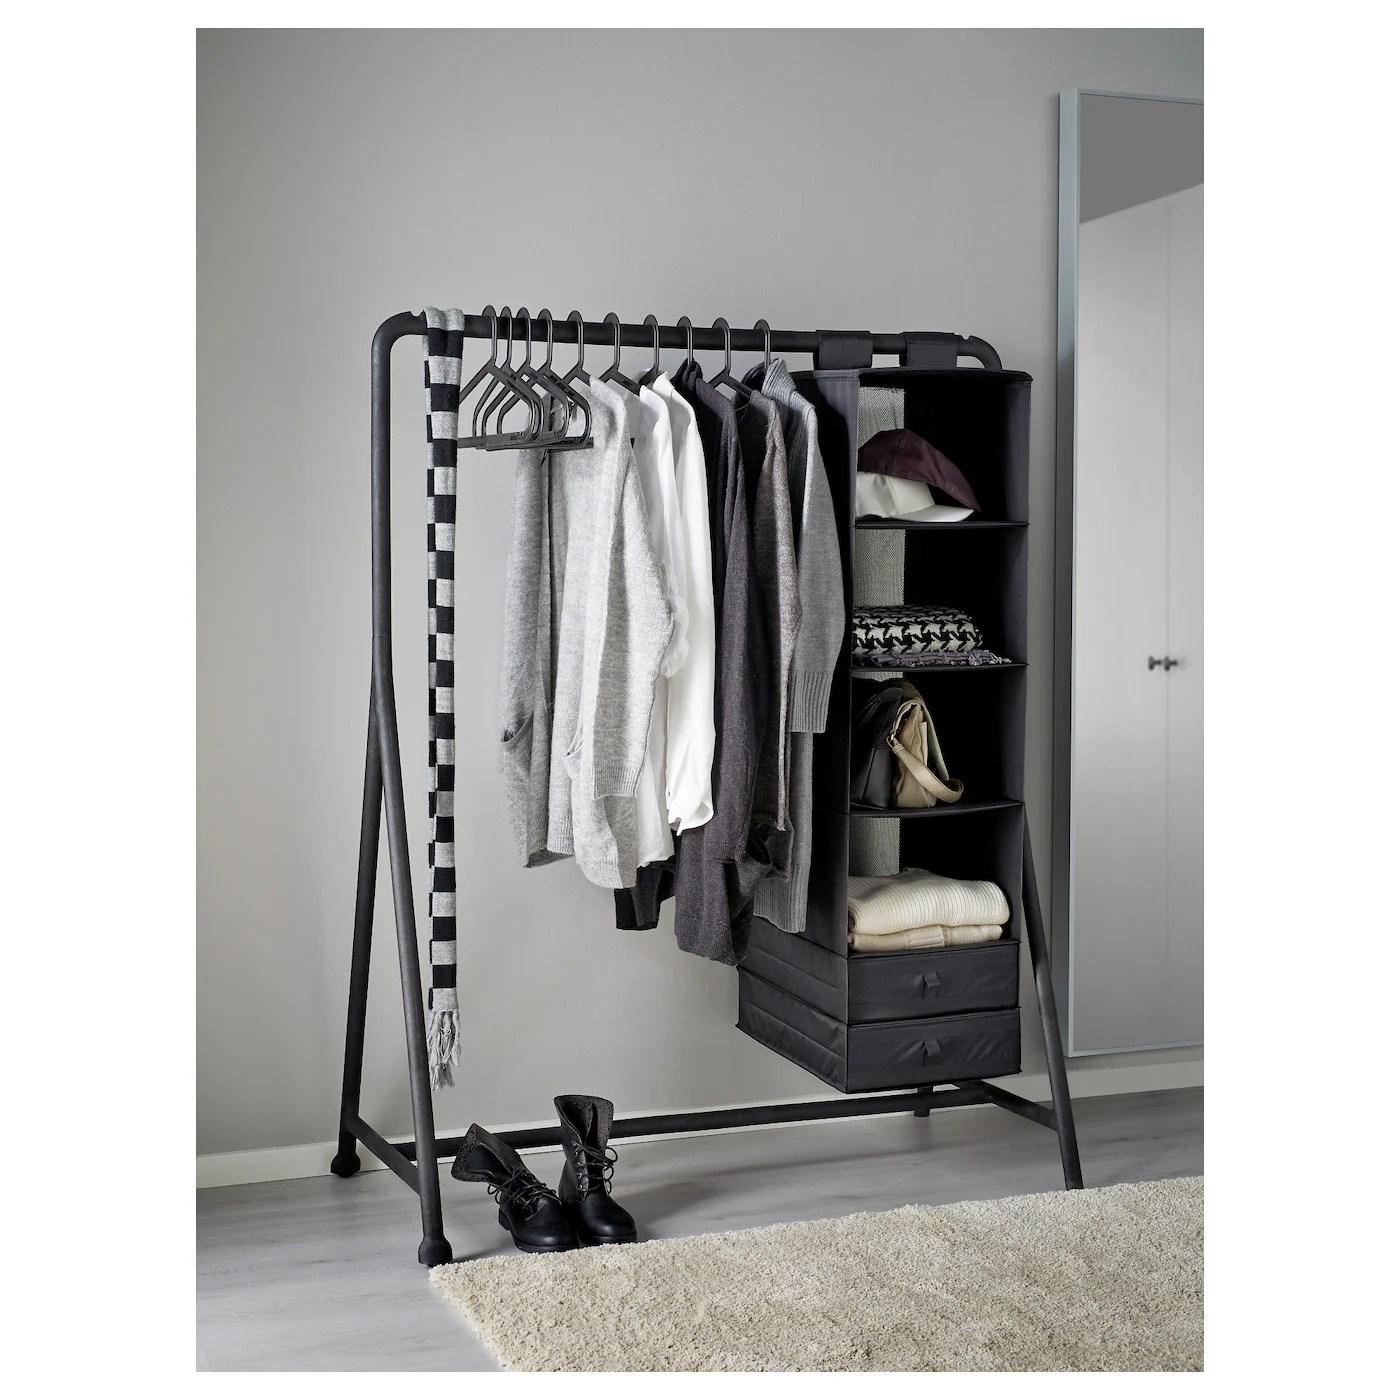 turbo clothes rack indoor outdoor black 46 1 8x23 1 4